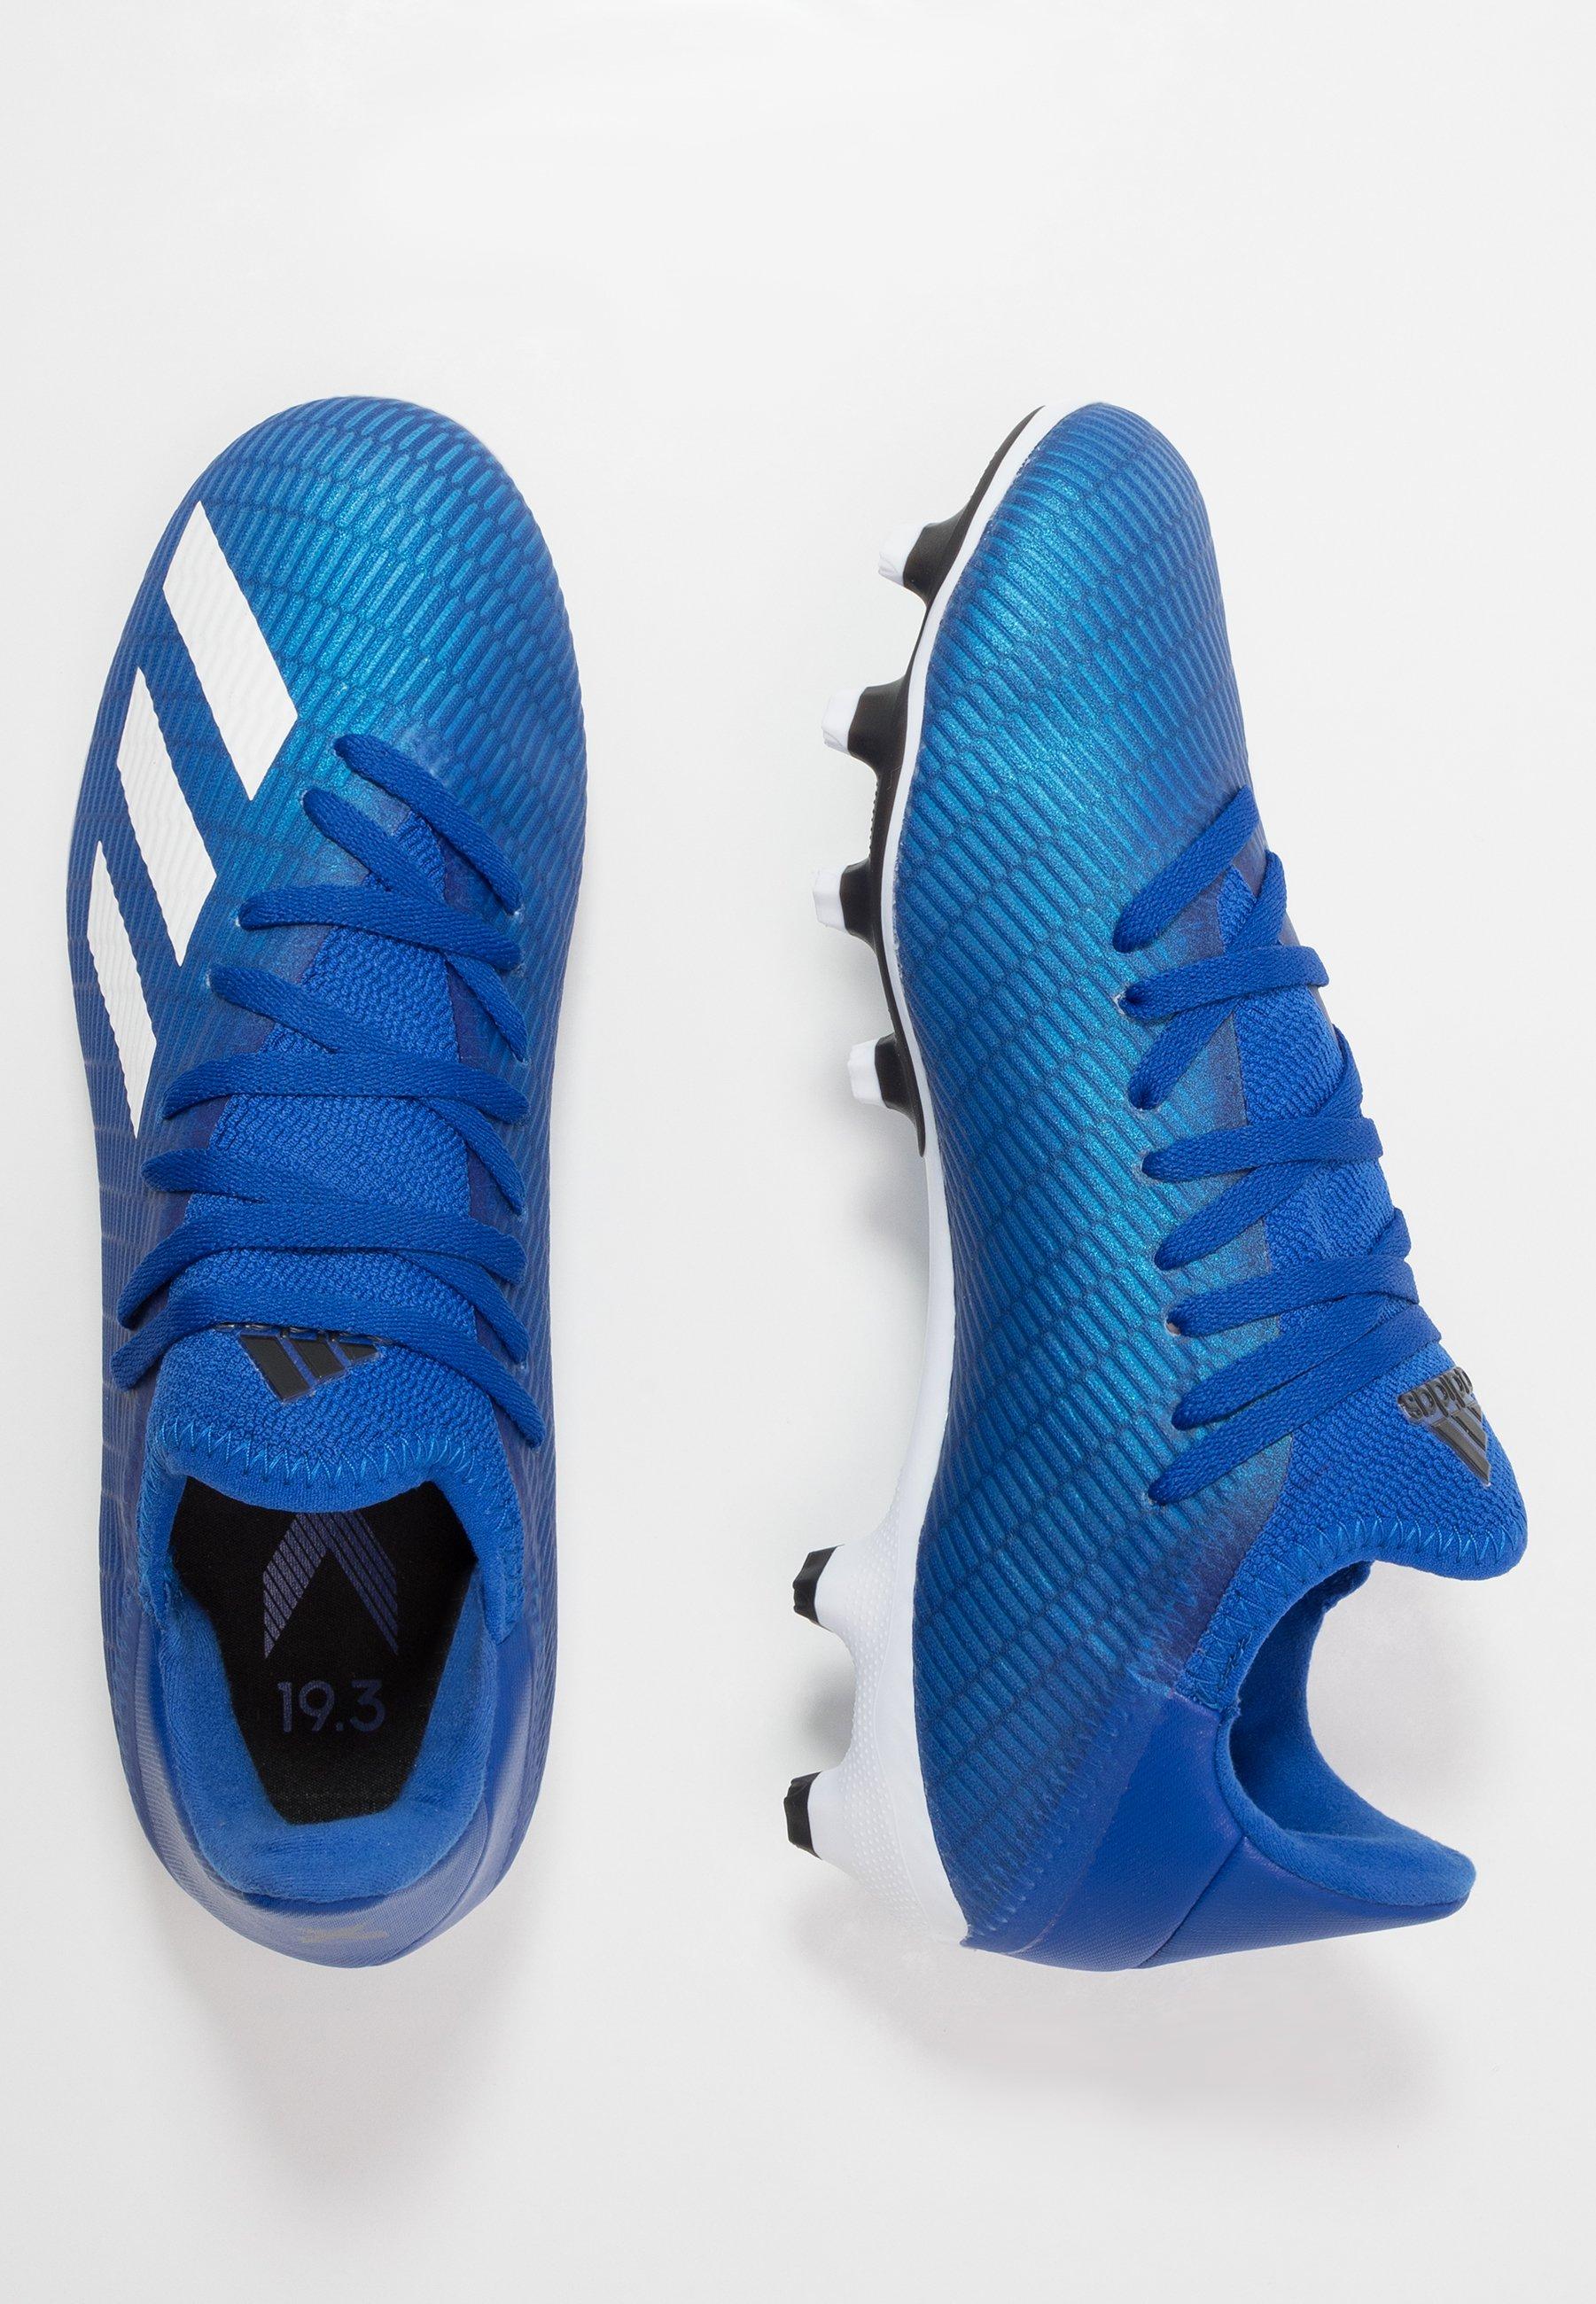 Adidas Performance X 19.3 Mg - Scarpe Da Calcetto Con Tacchetti Royal Blue/footwear White/core Black G00r2